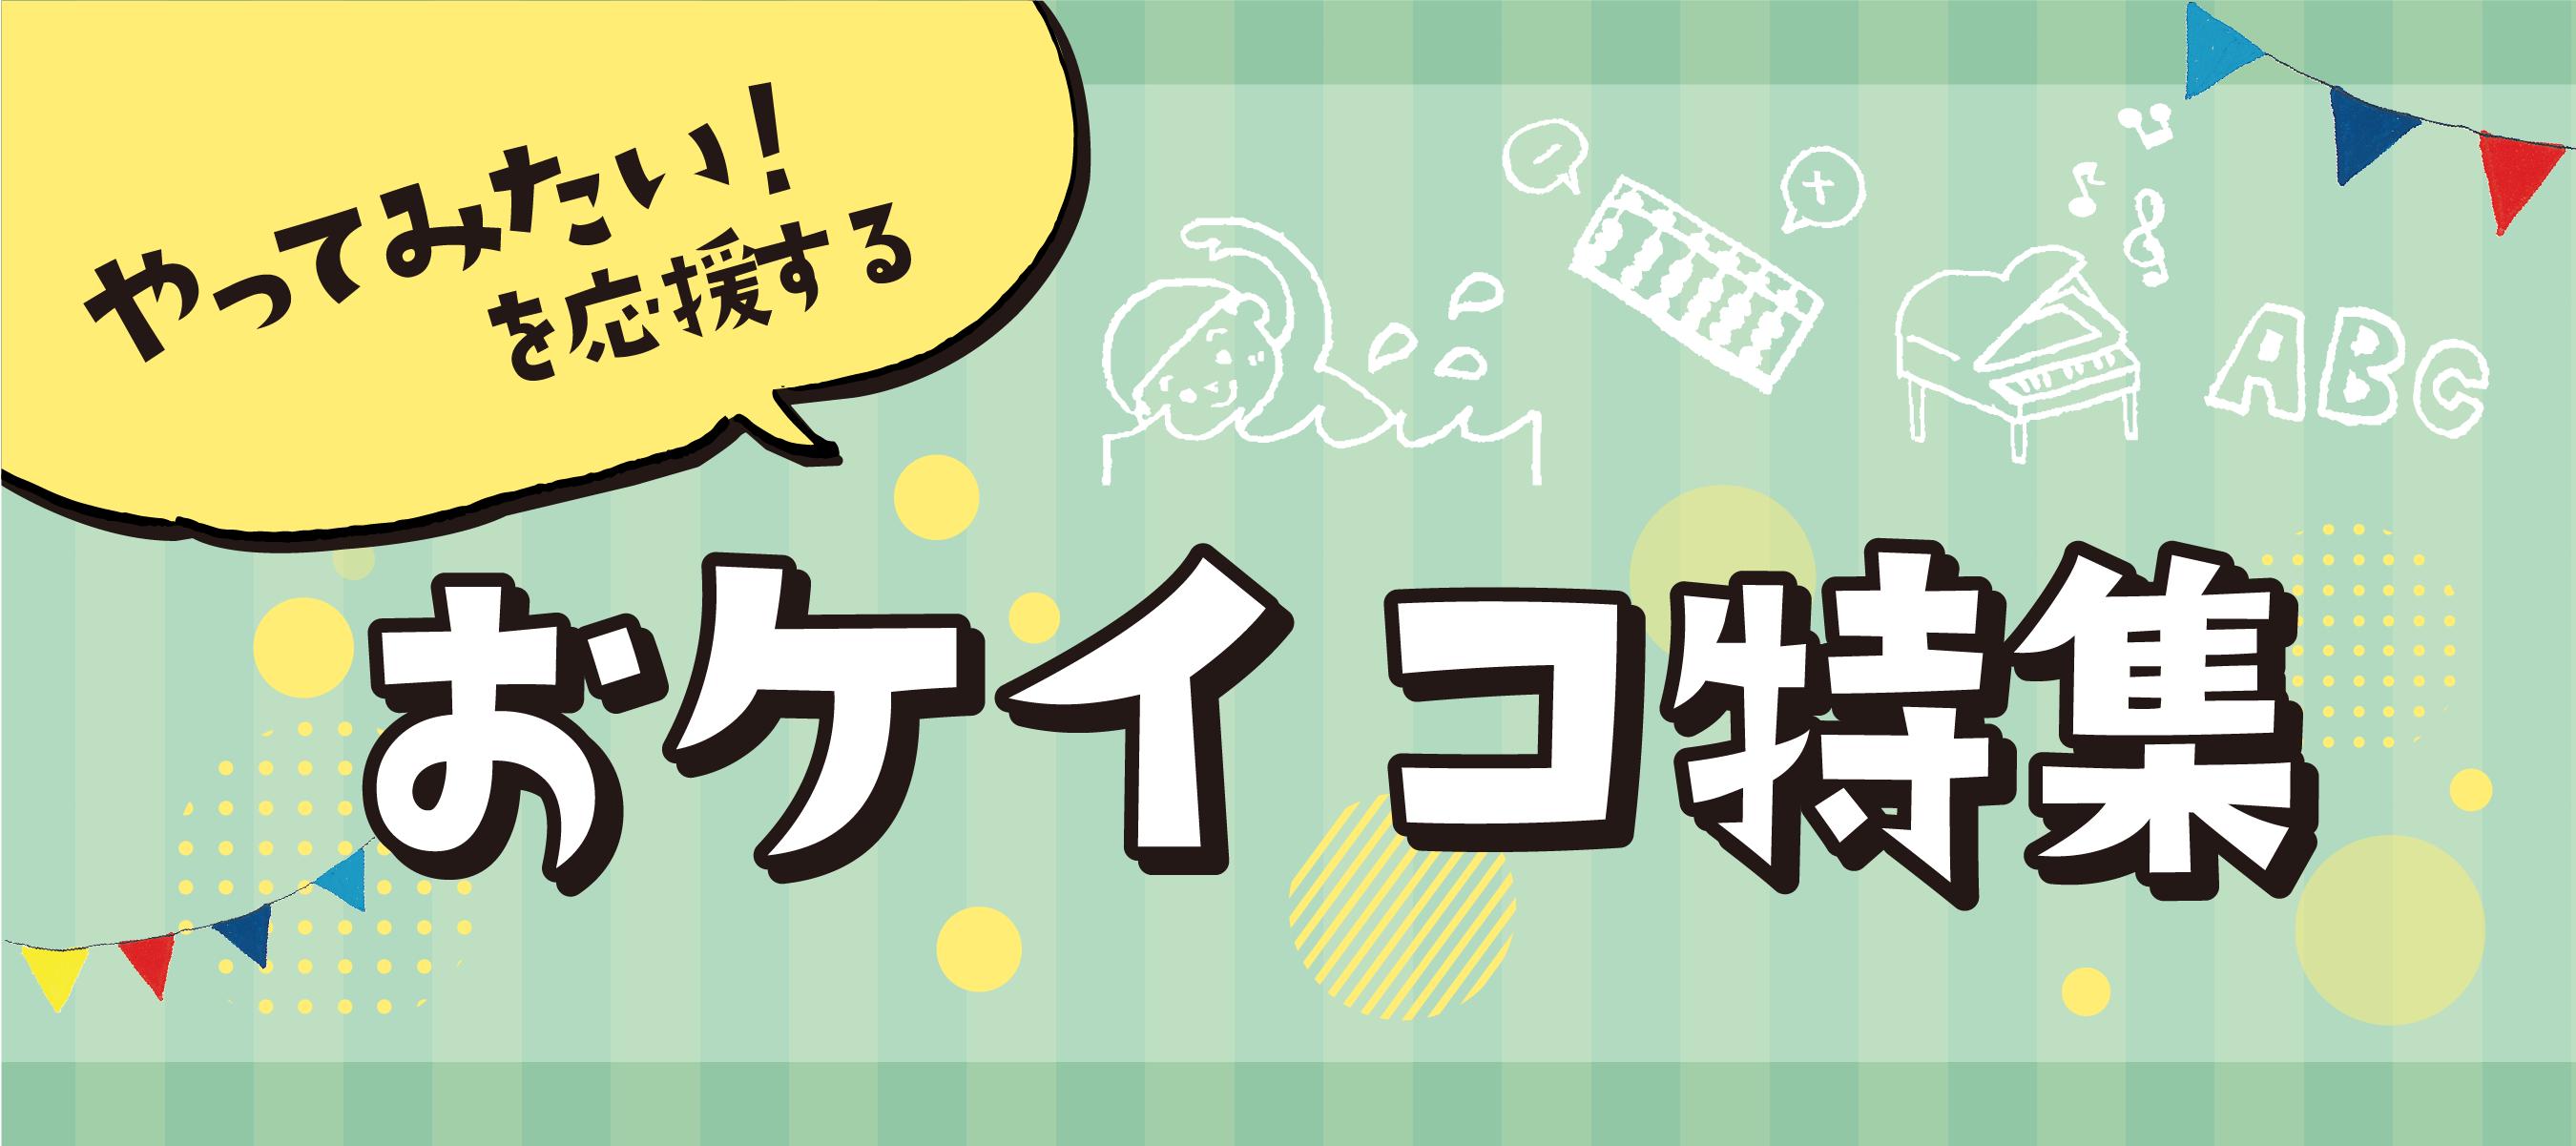 編集部オススメ やってみたい!を応援するおケイコ特集